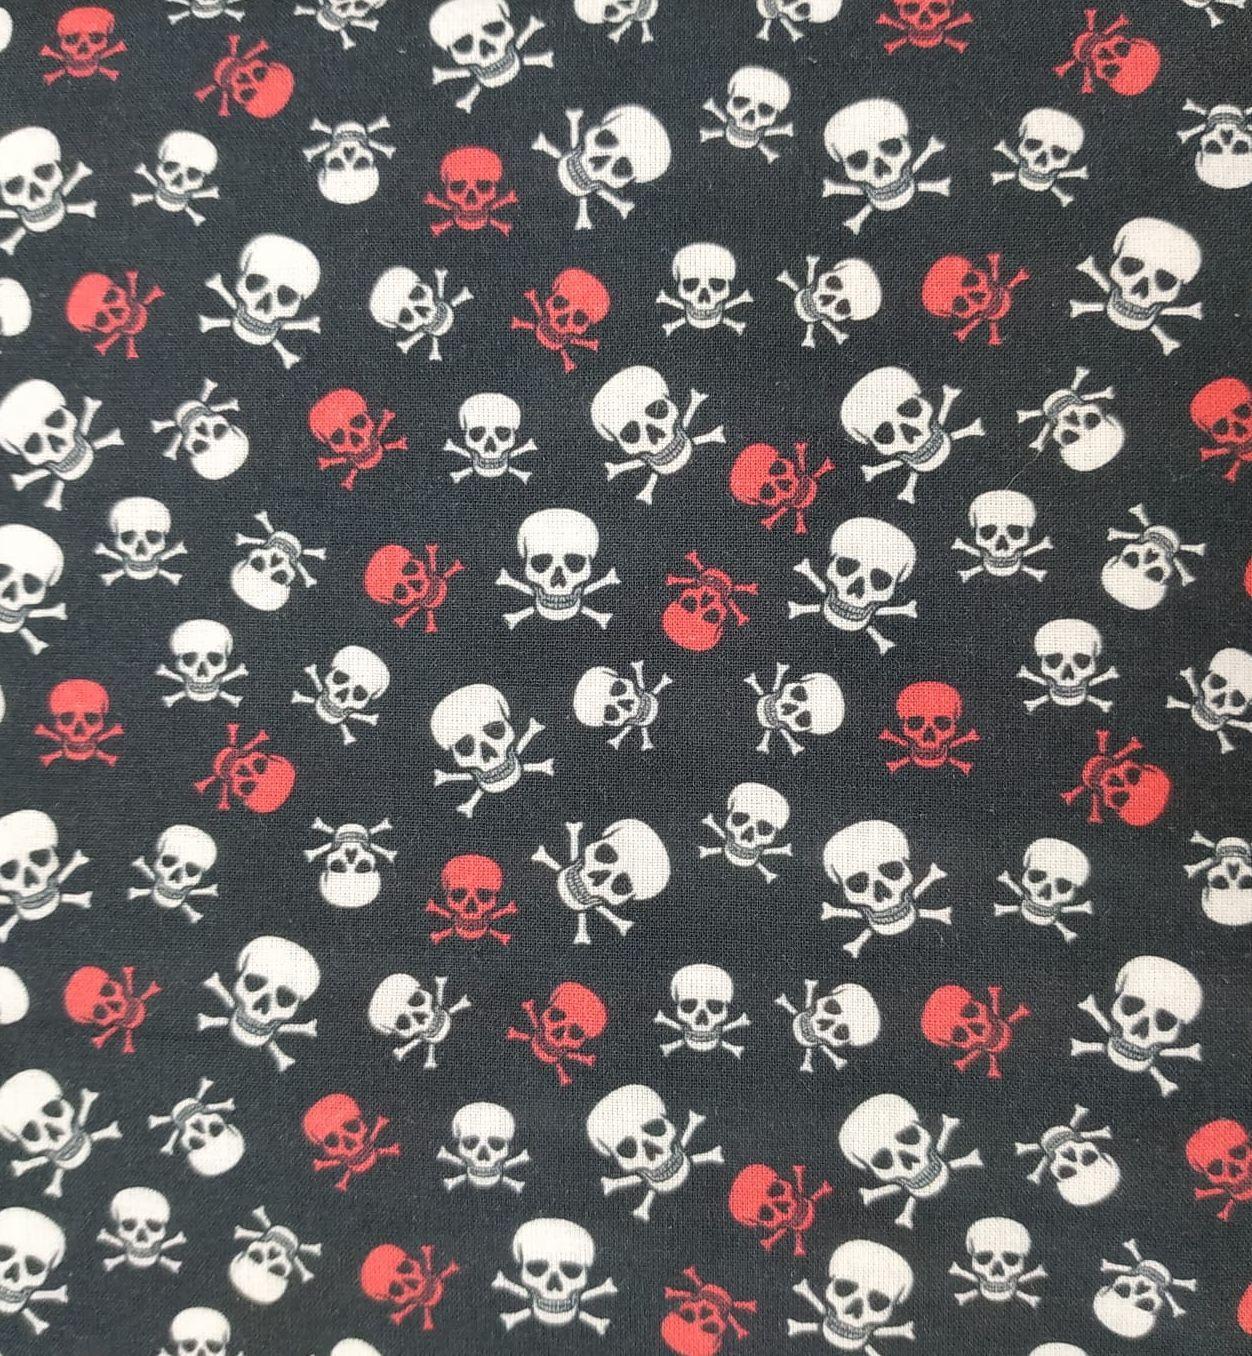 Tela algodón negra con calaveras rojas y blancas